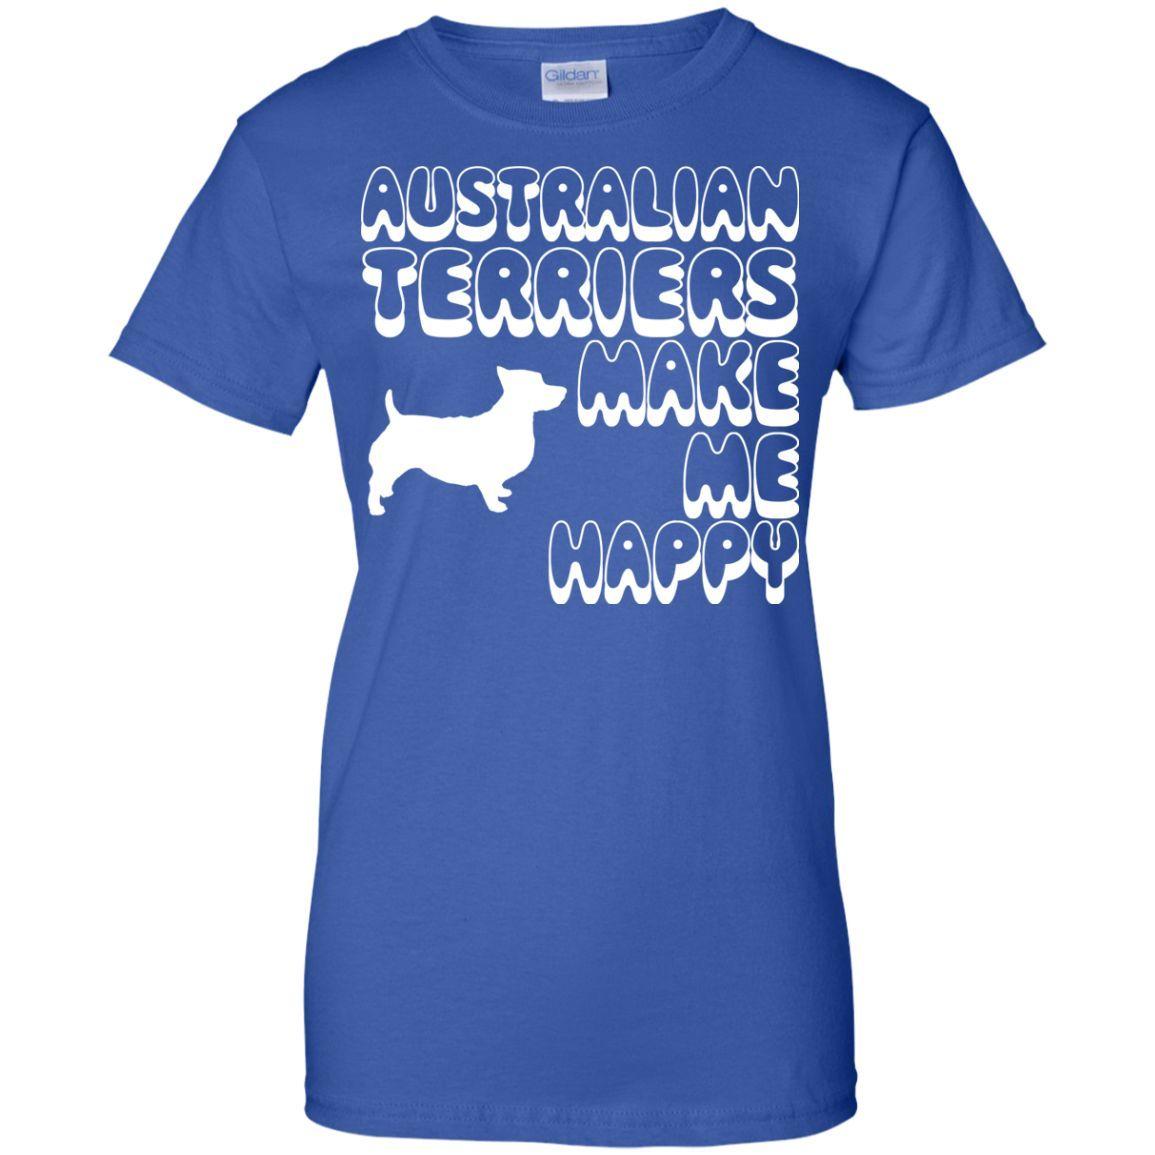 Australian Terriers Make Me Happy Ladies Tees